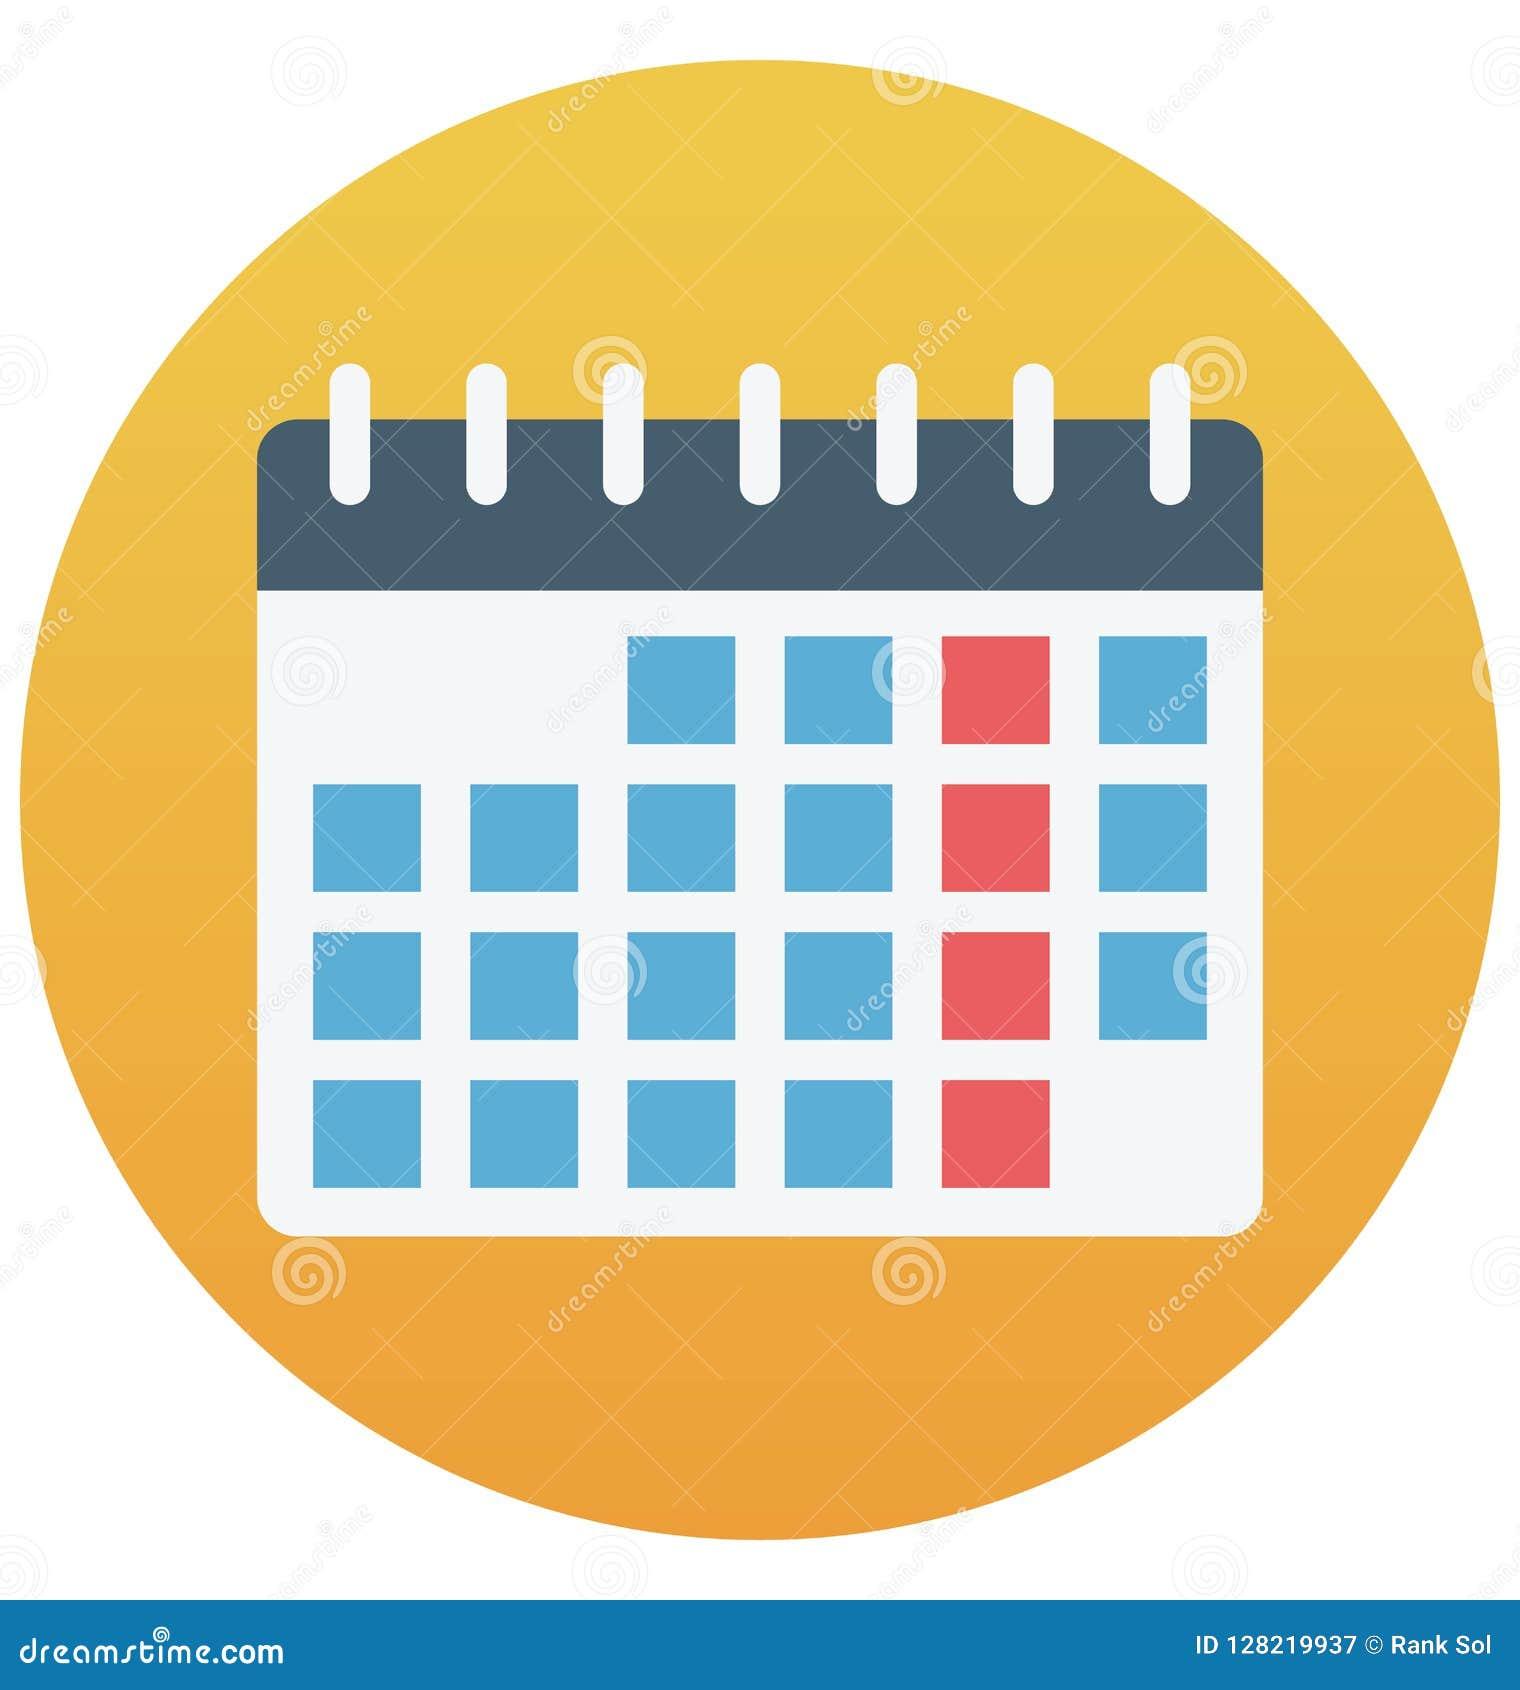 Calendar изолированный значок вектора который может быть легко редактирует или доработал